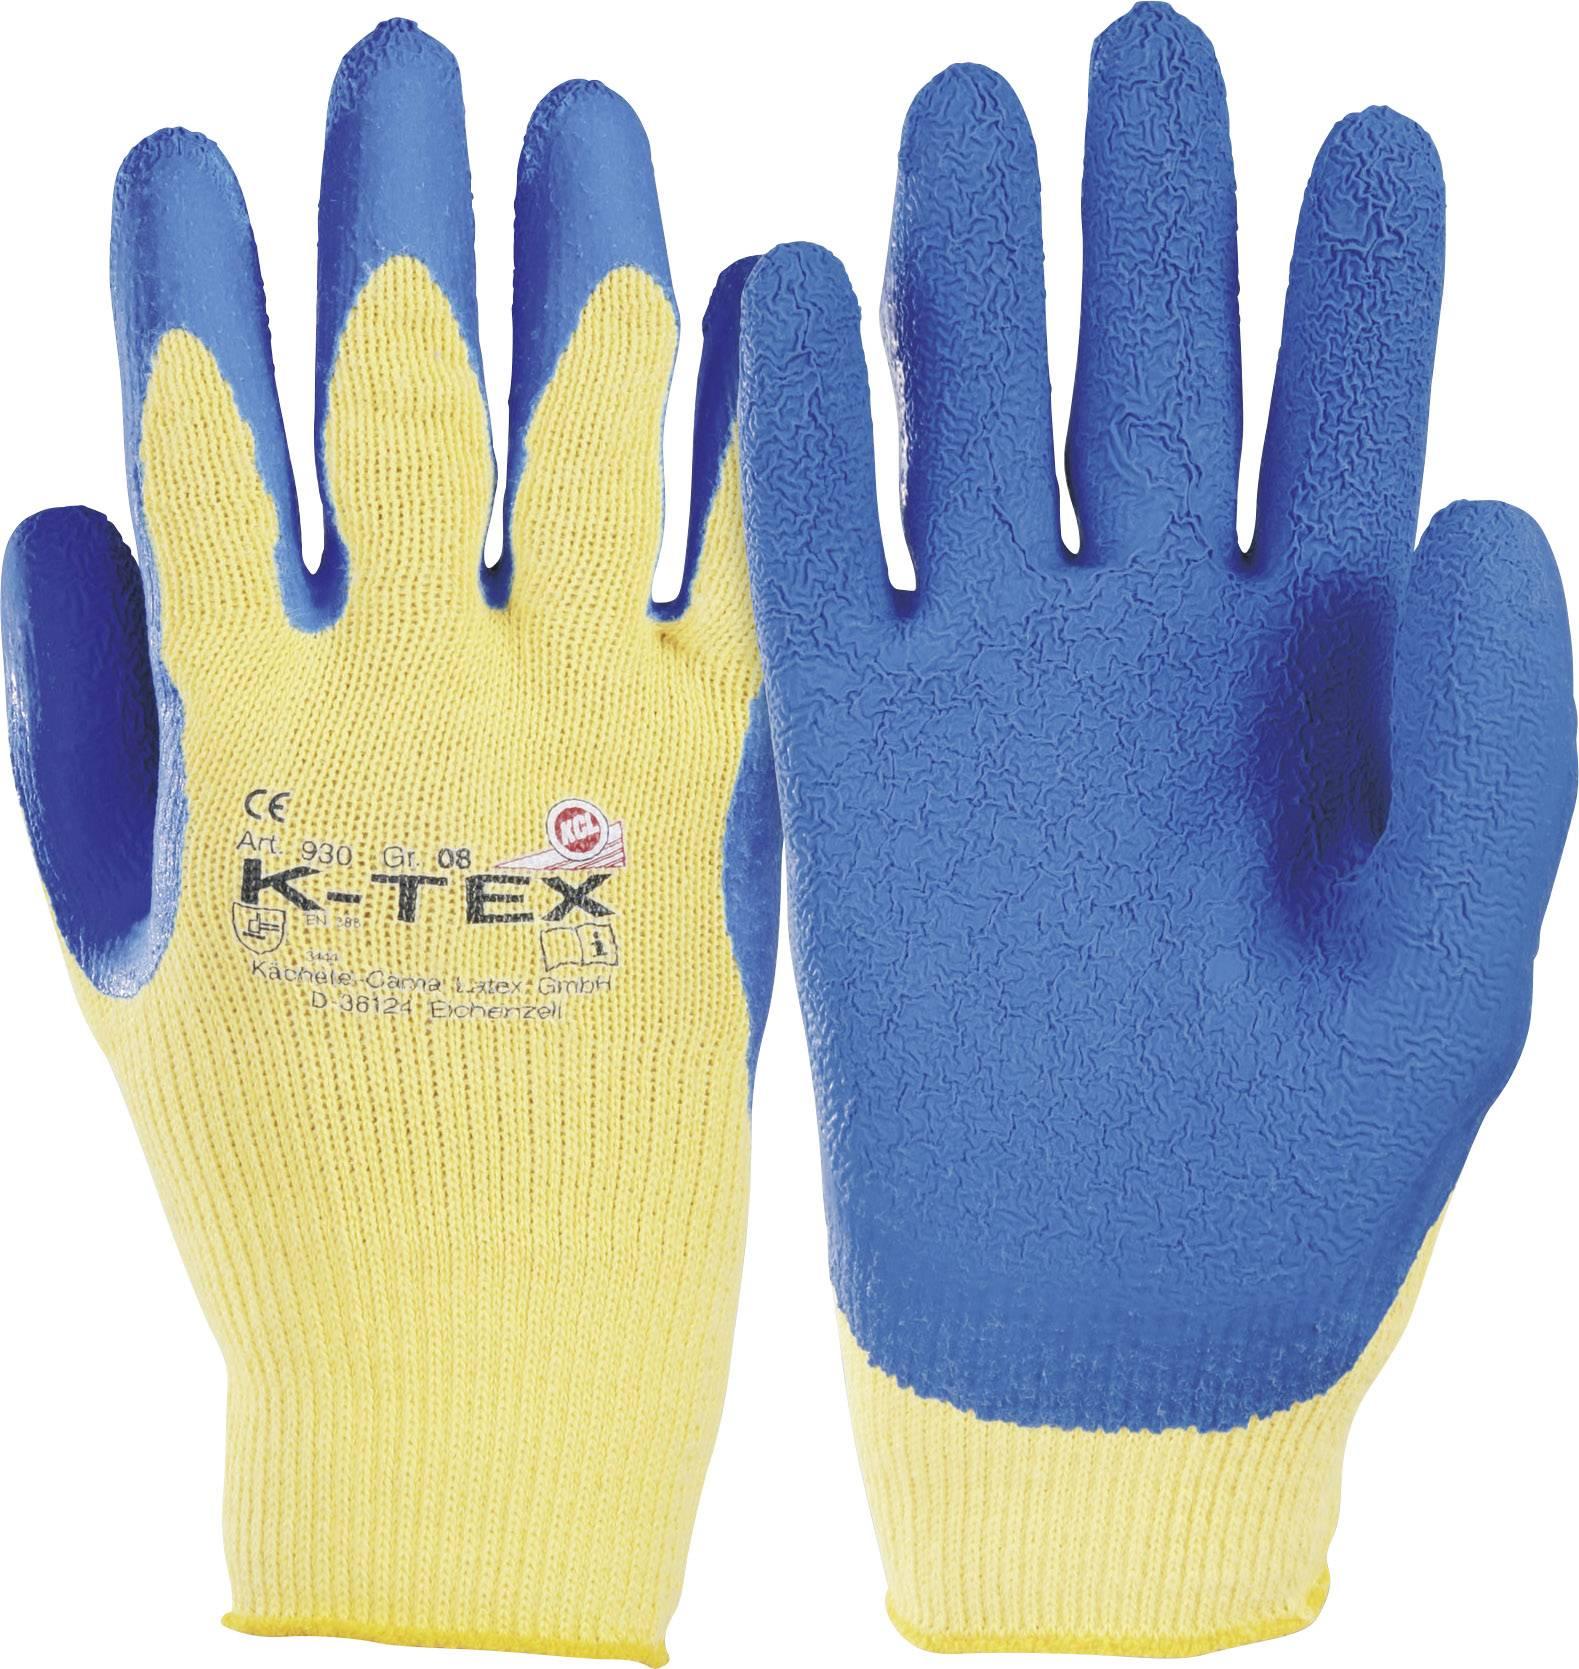 Rukavice K-TEXR z Para-Aramidového vlákna s přírodní latexovou vrtvou, velikost 8